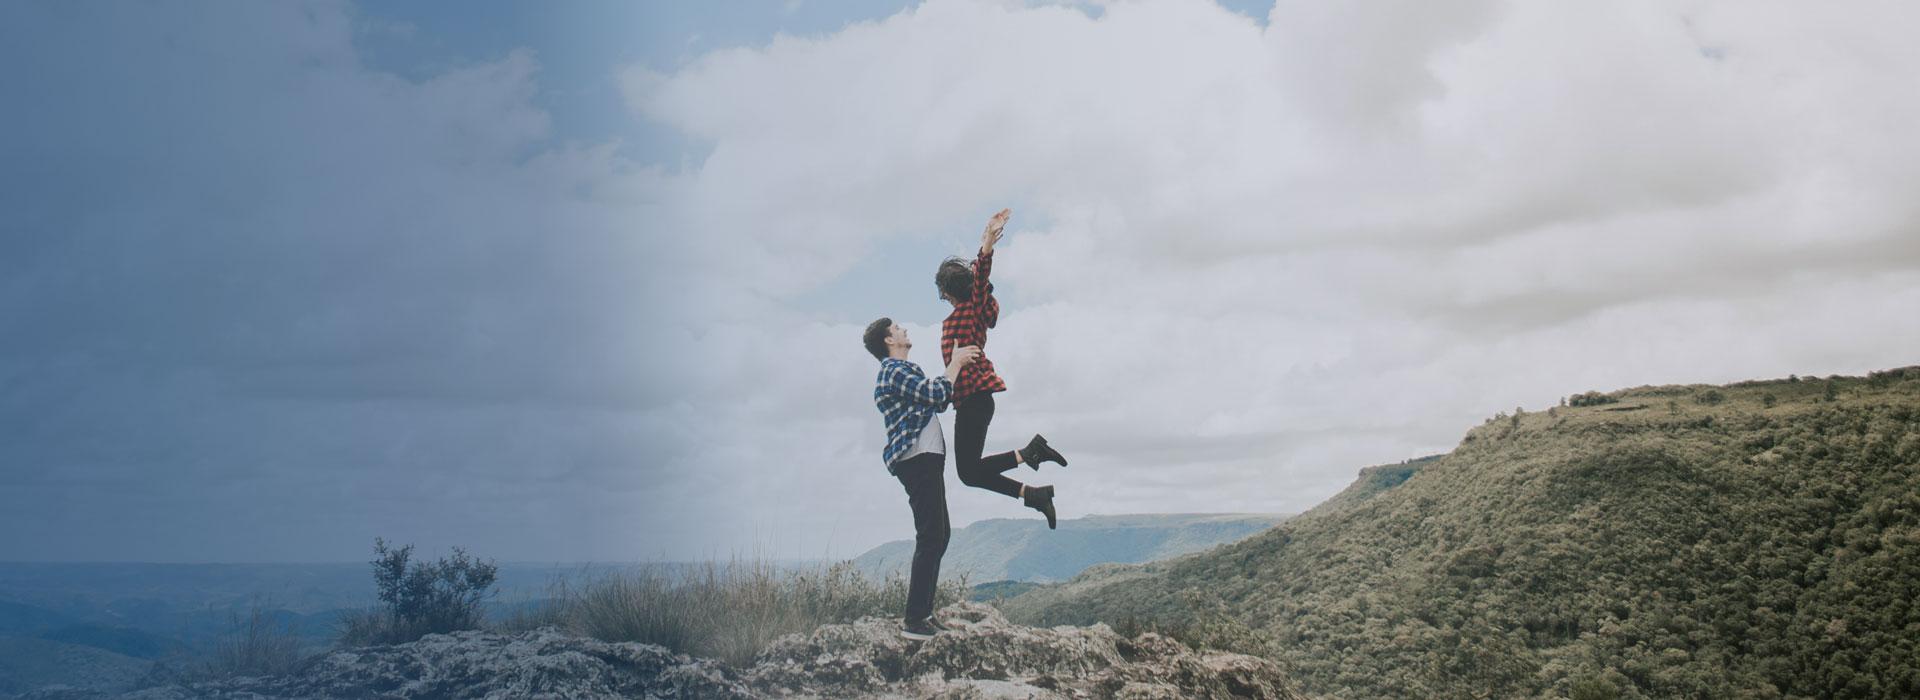 Onnellinen pari ilman herpestä - herpesfree.